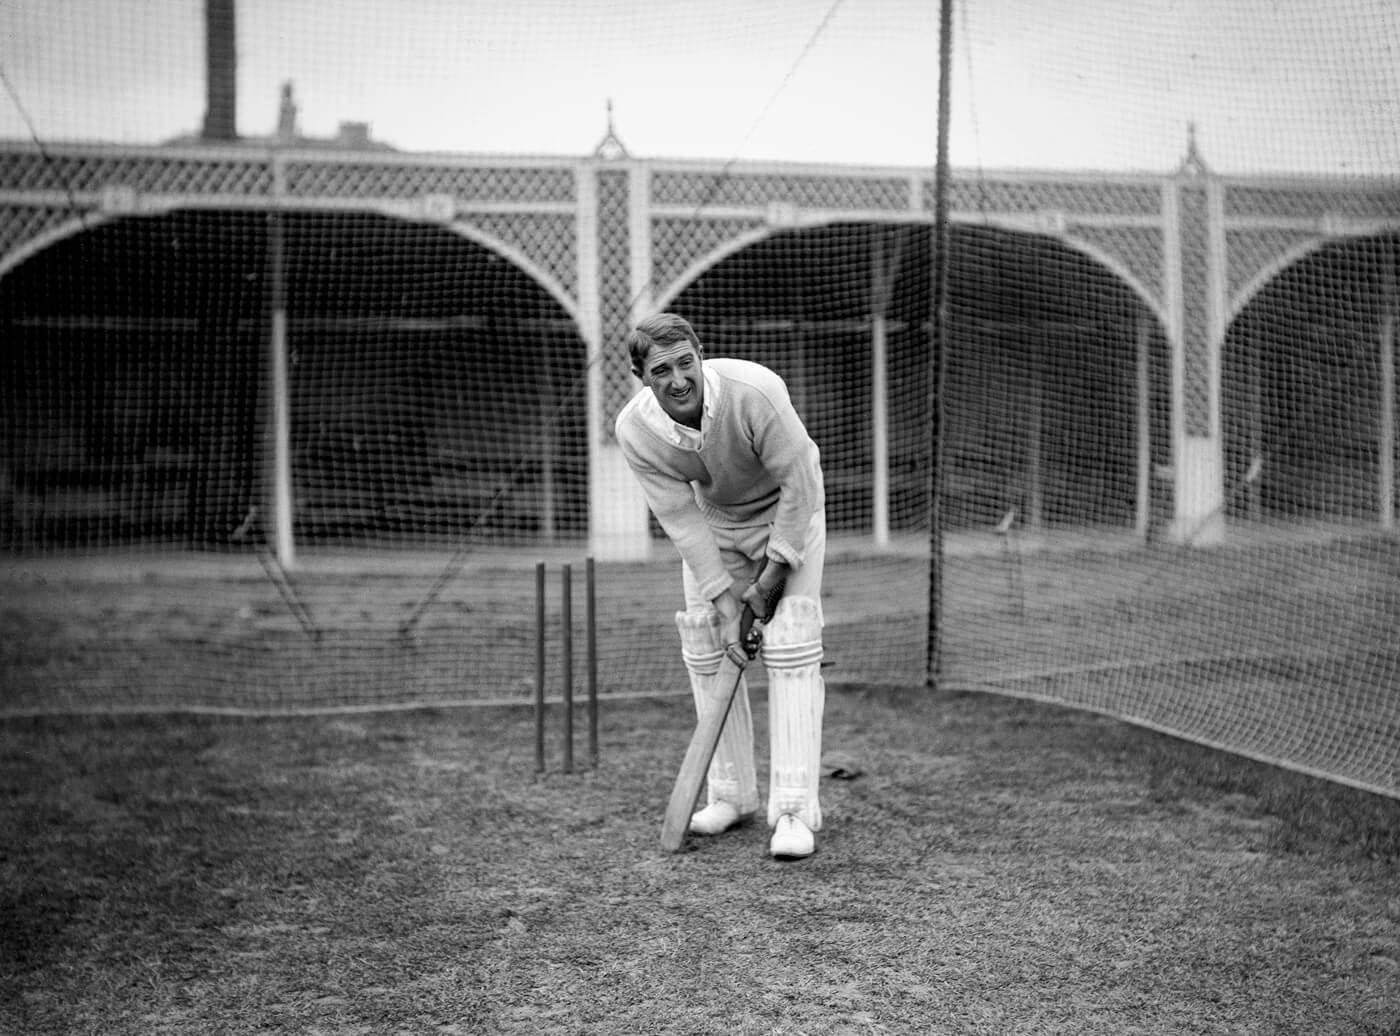 Faulkner: He was a champion batsman as well